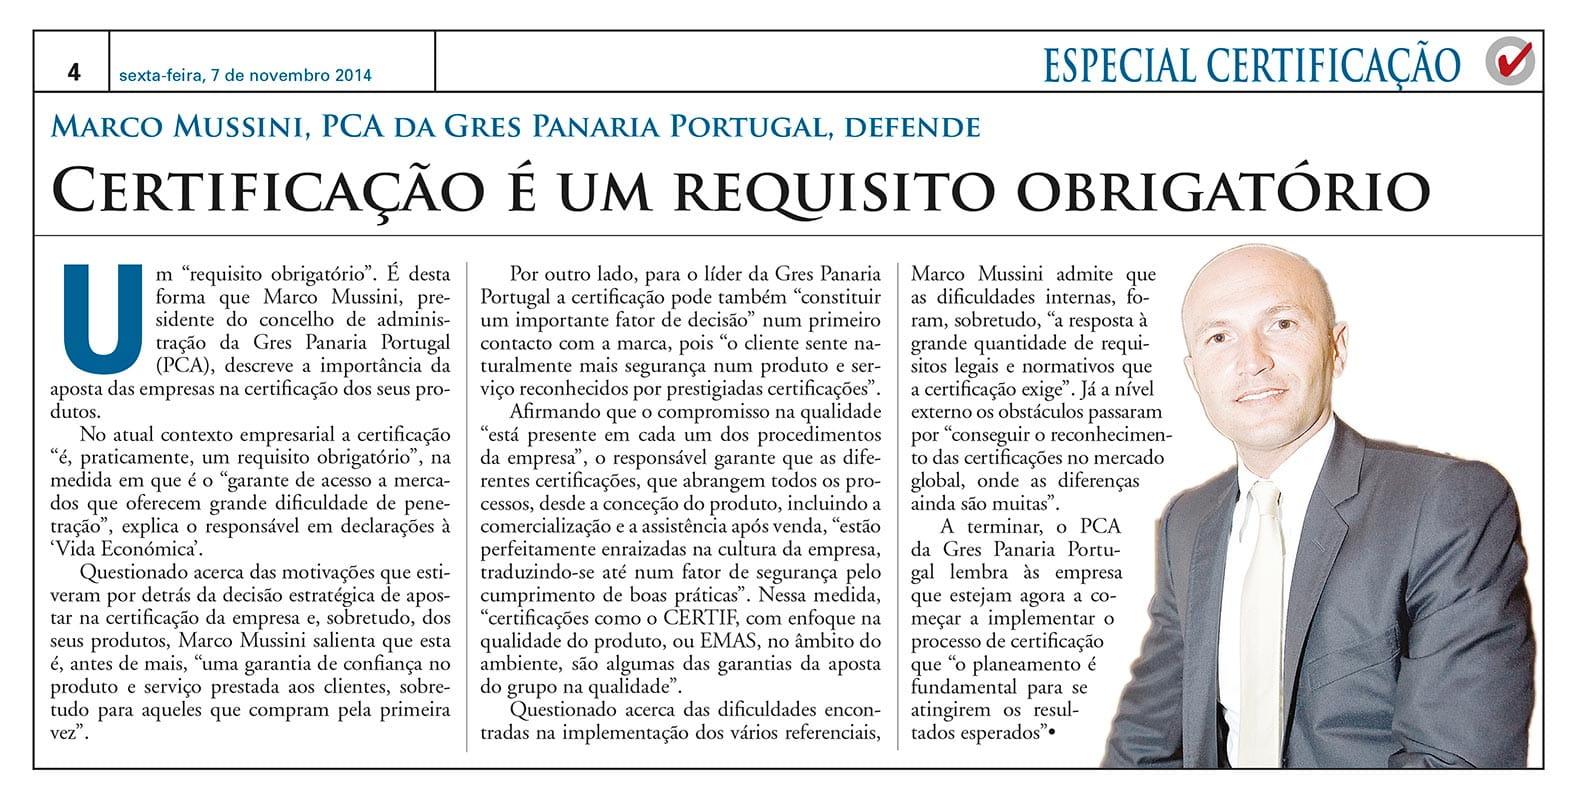 CEO of Gres Panaria Portugal Interview by Vida Económica